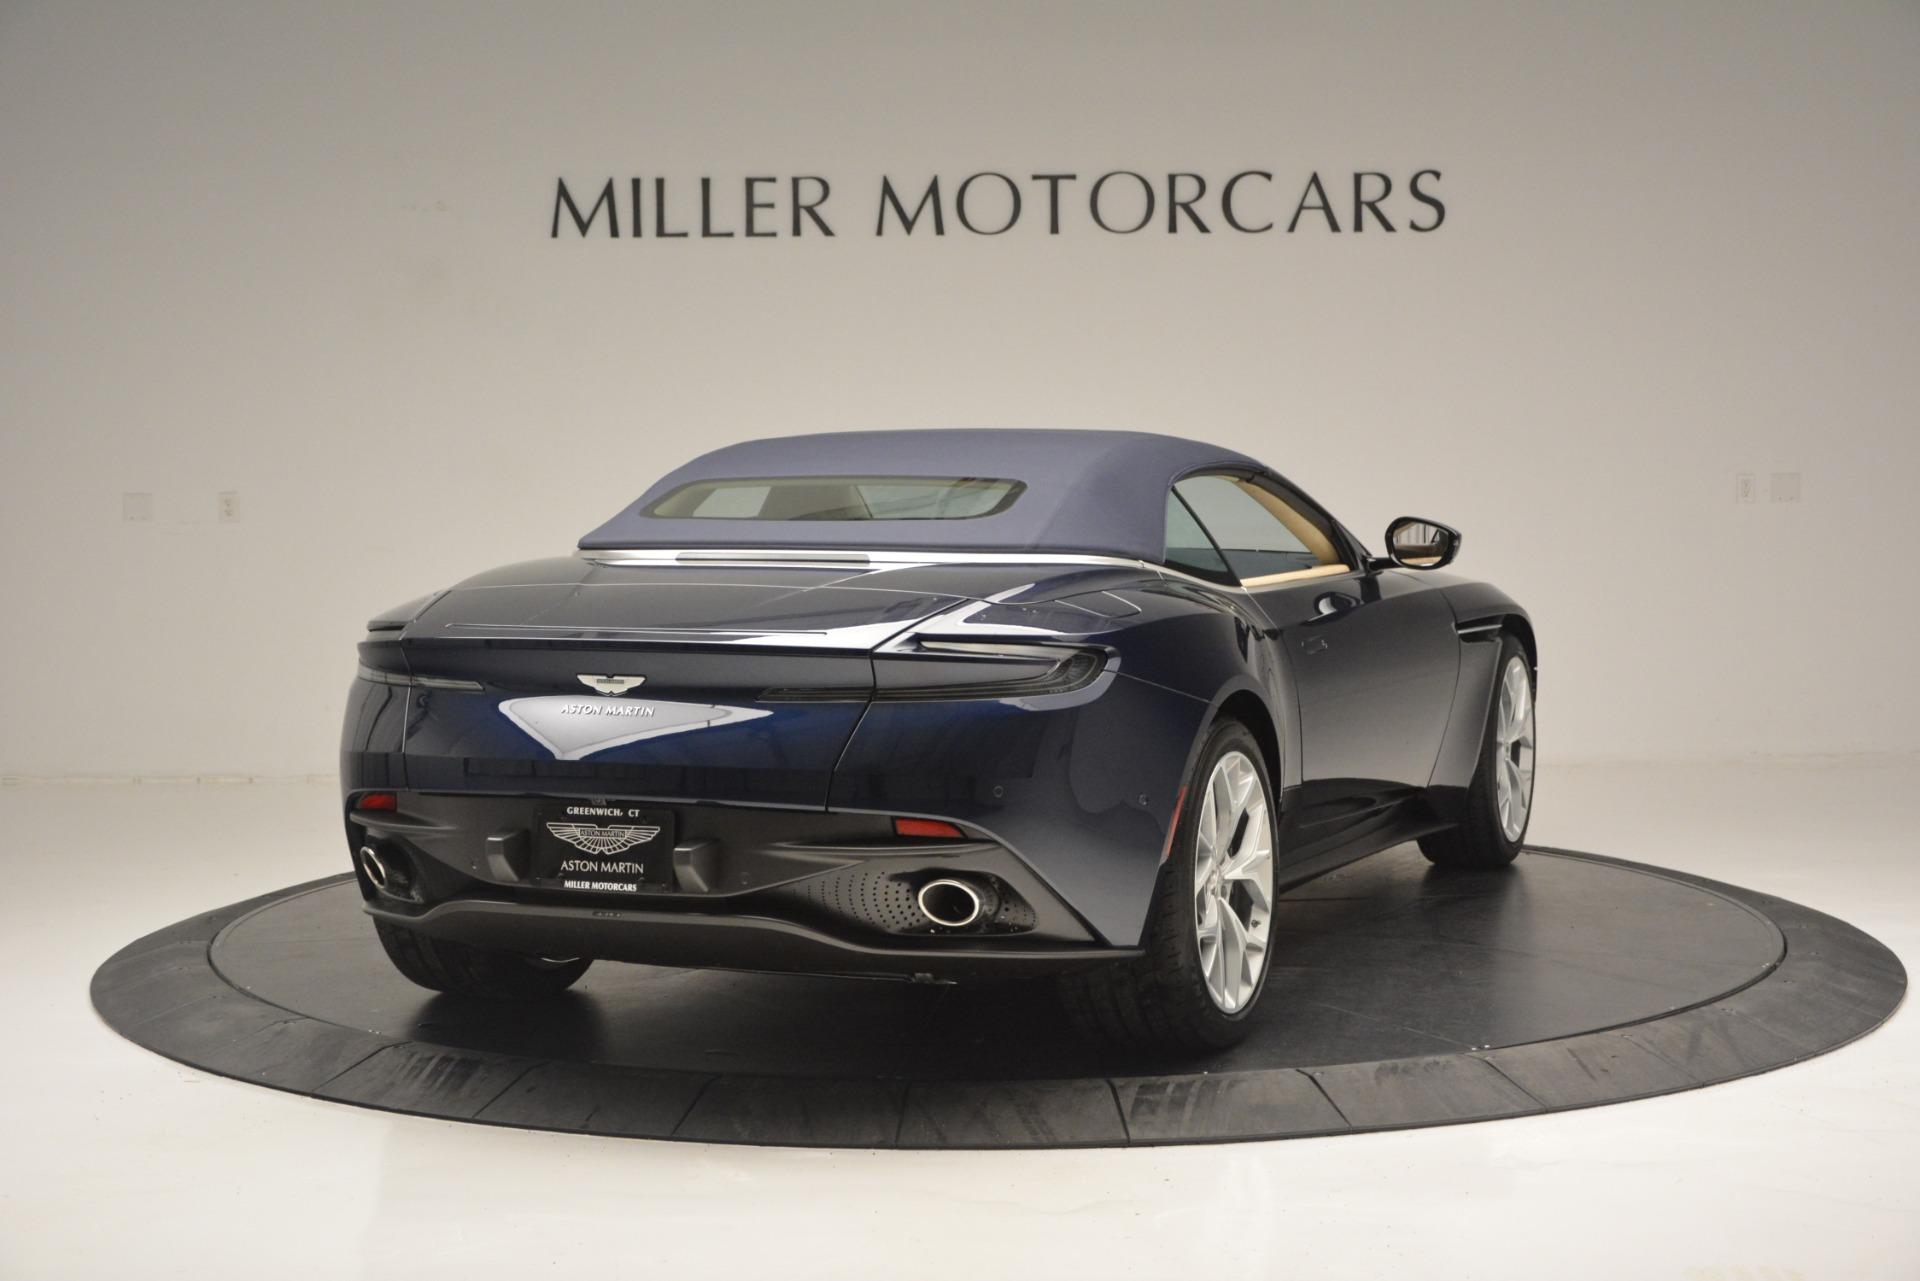 New 2019 Aston Martin DB11 Volante Volante For Sale In Greenwich, CT. Alfa Romeo of Greenwich, A1326 2594_p19